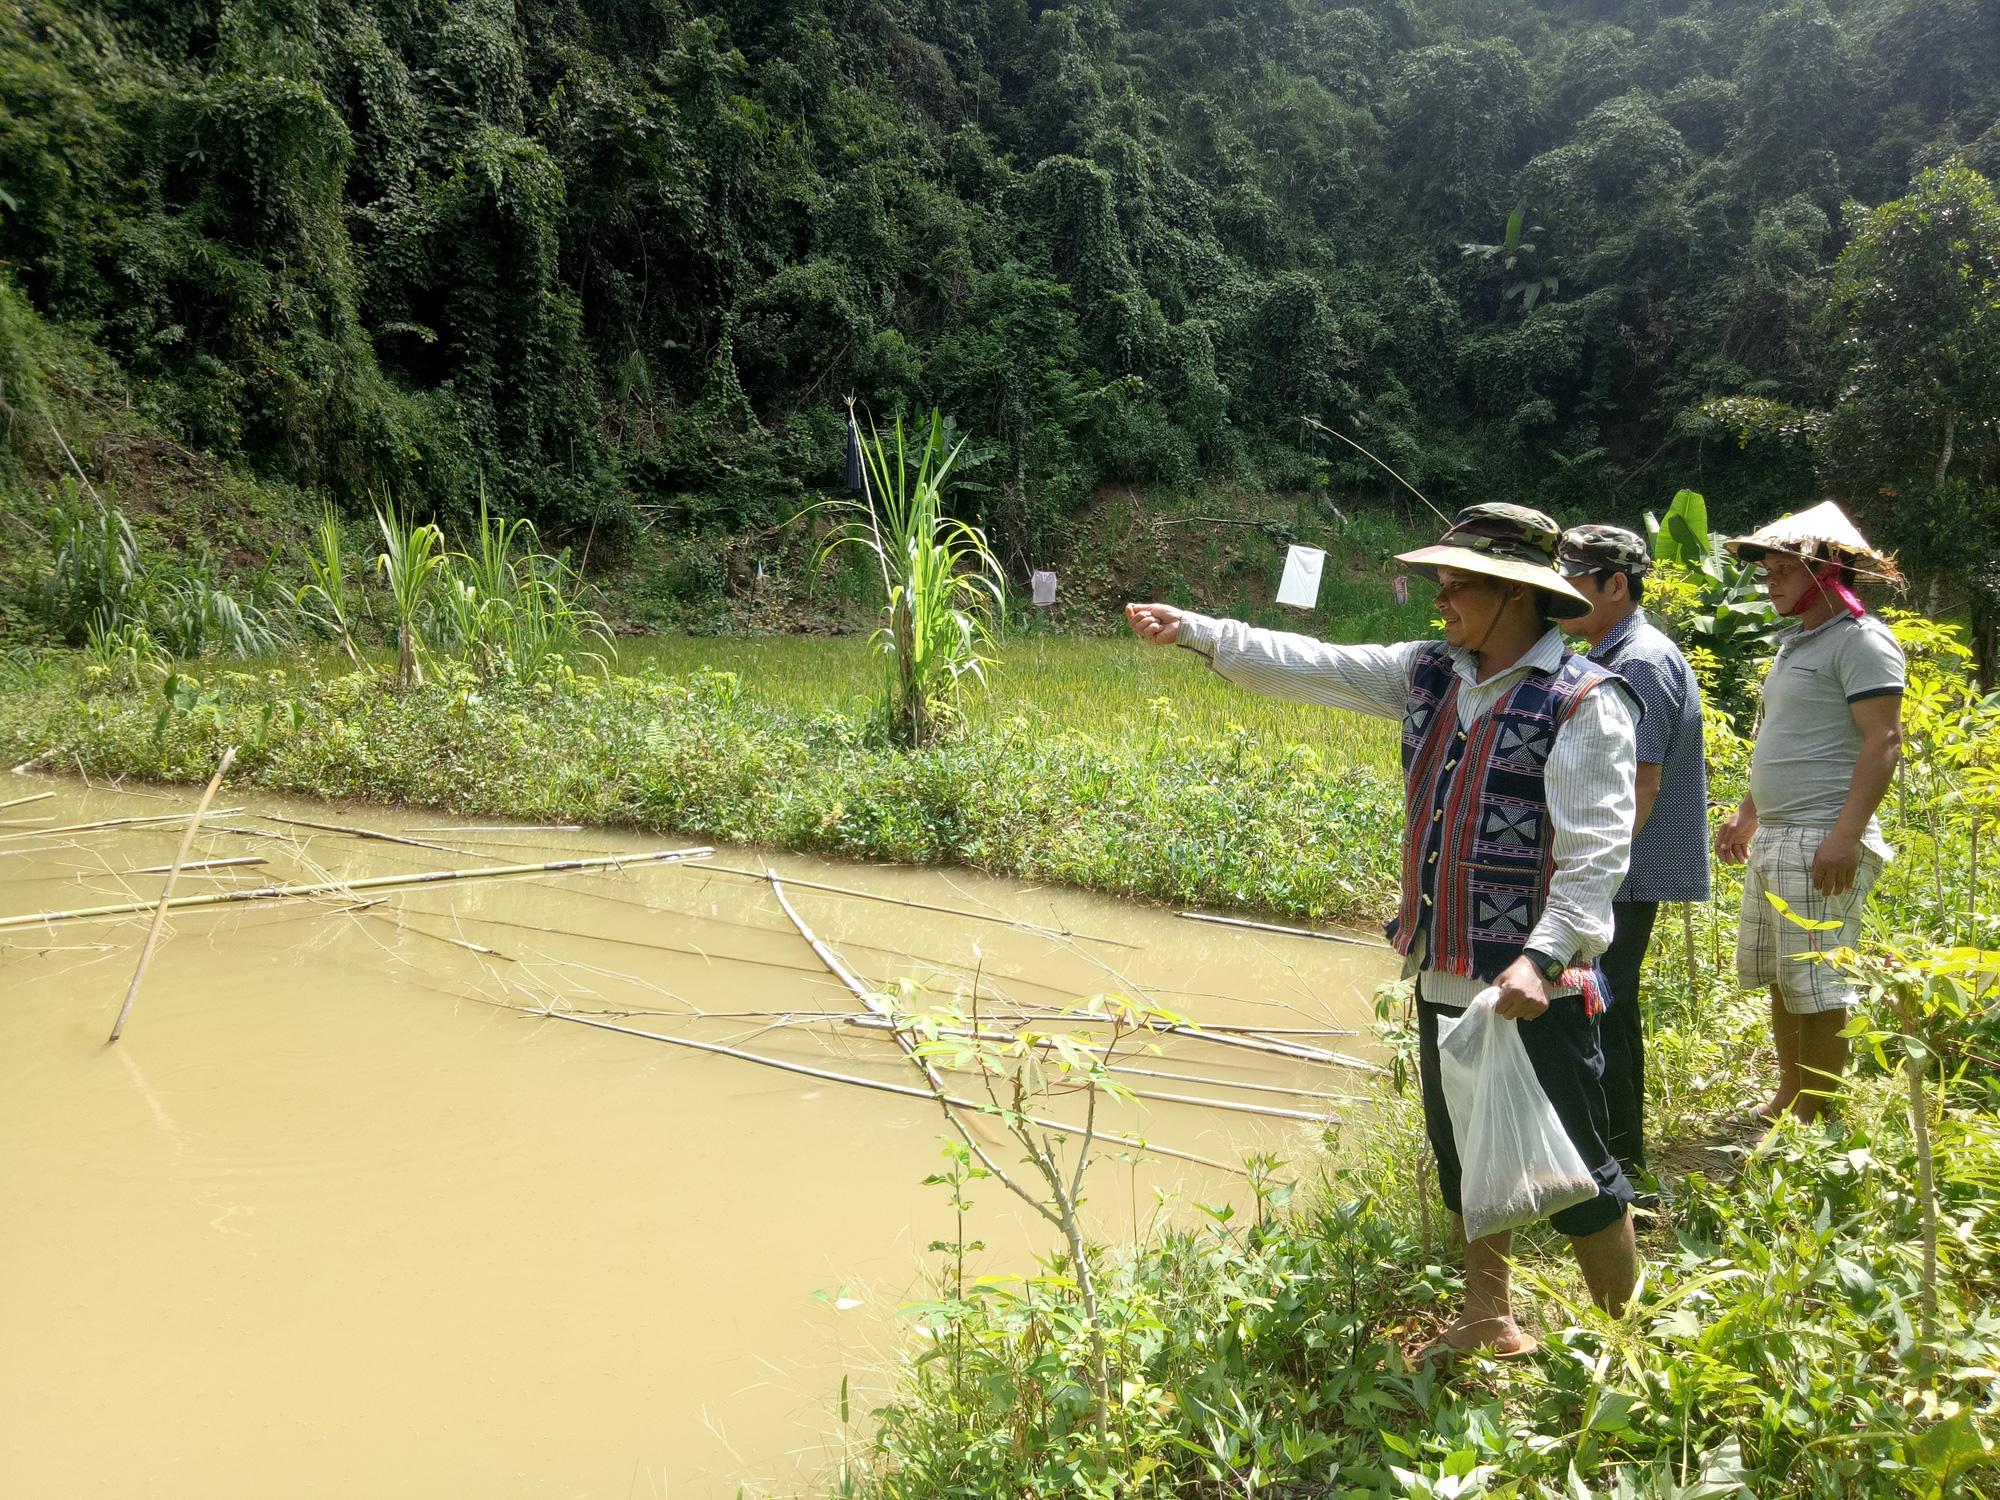 Quảng Nam: Tín dụng chính sách giúp người dân vững vàng phát triển kinh tế xã hội - Ảnh 3.